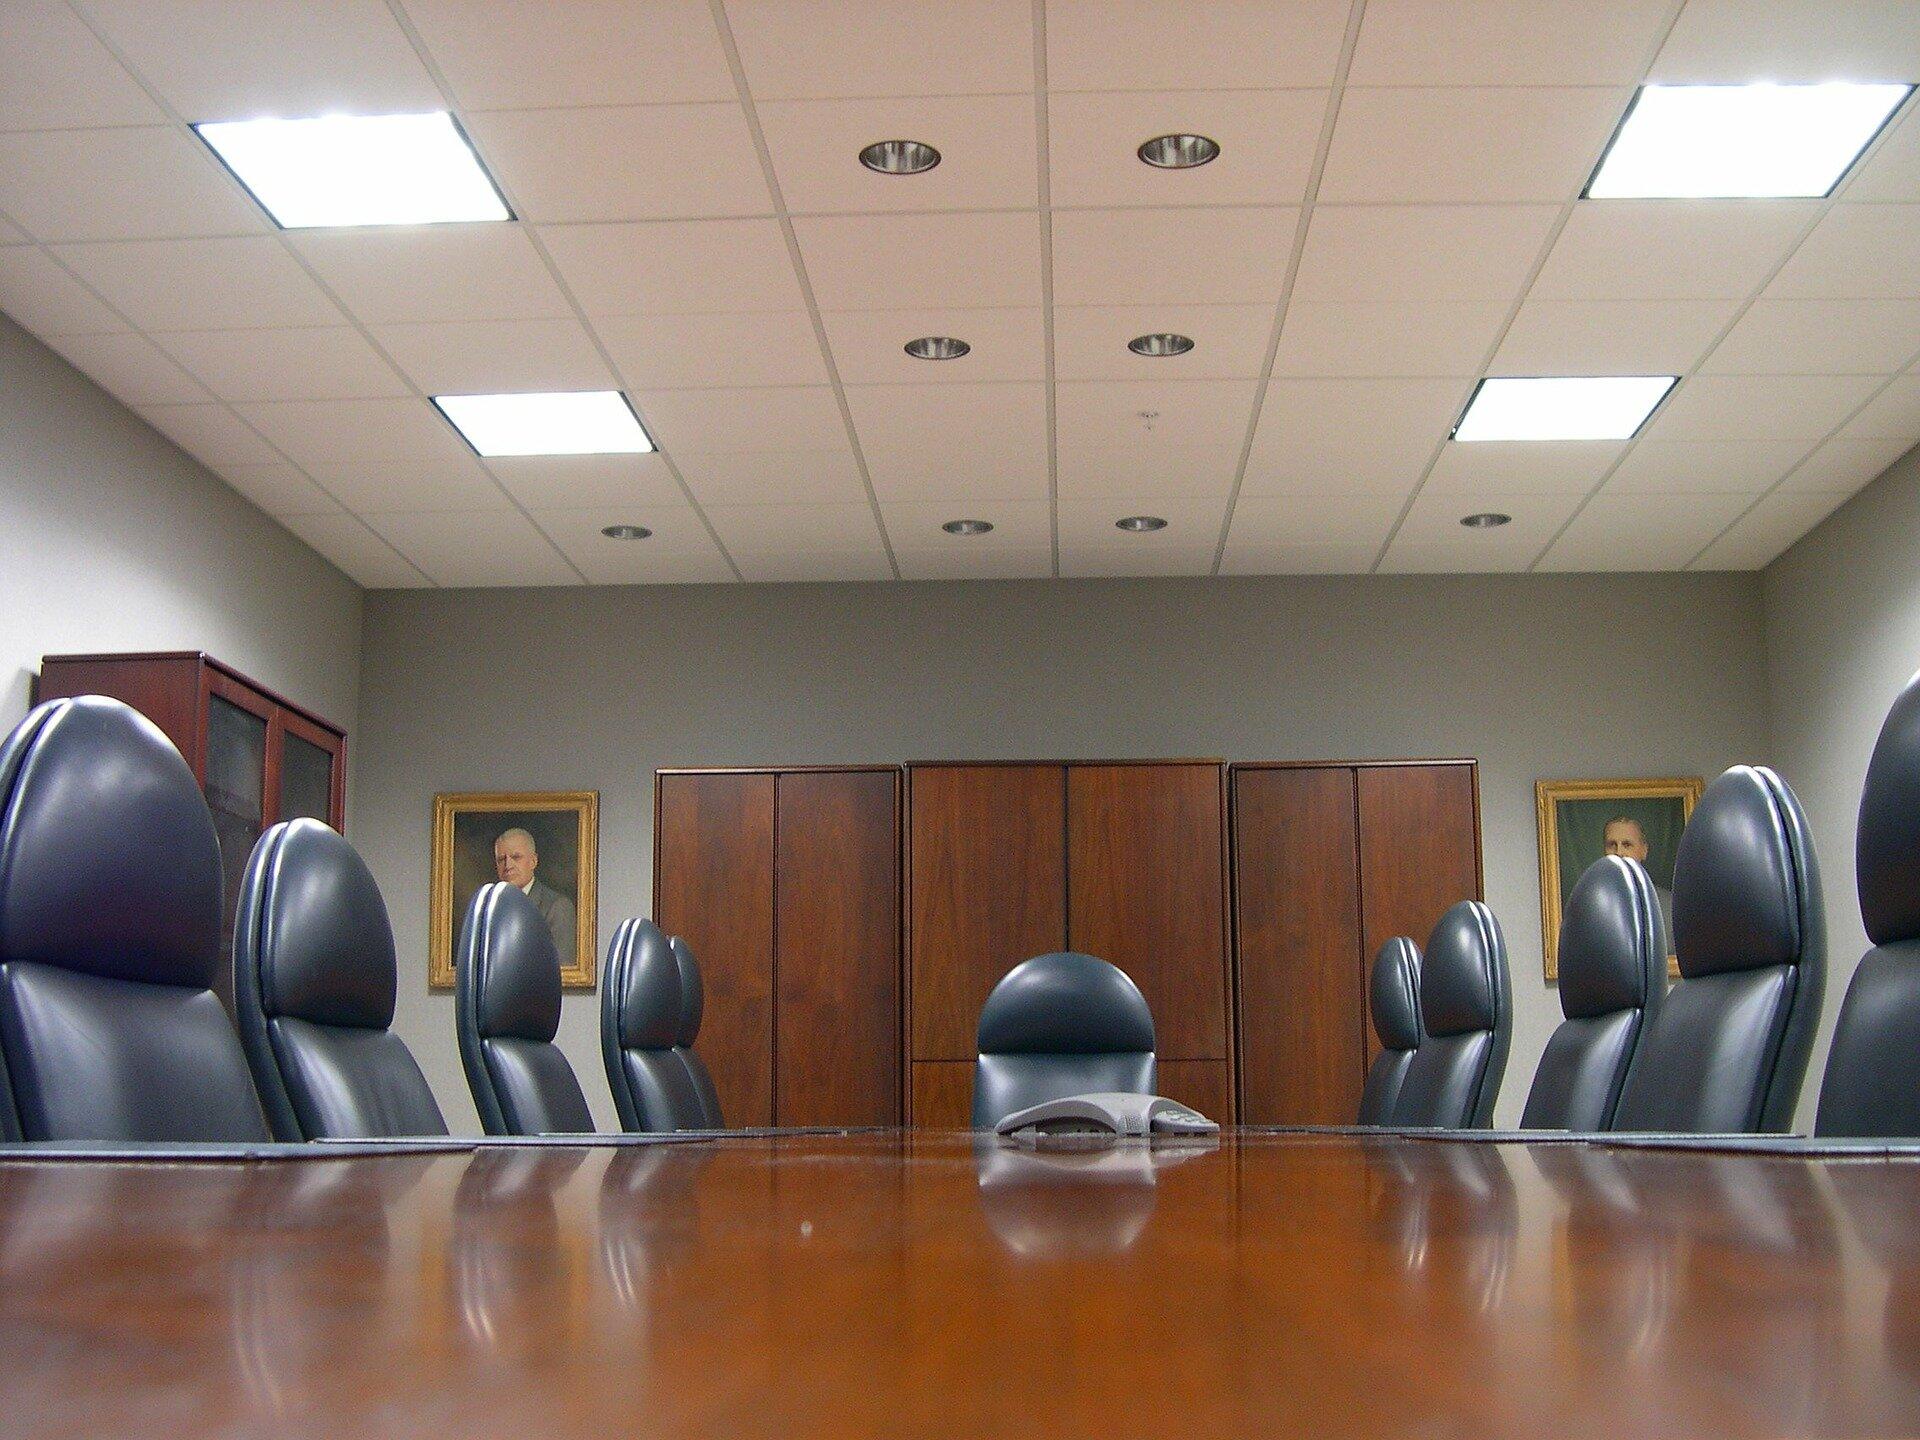 meeting-room-10270_1920.jpg